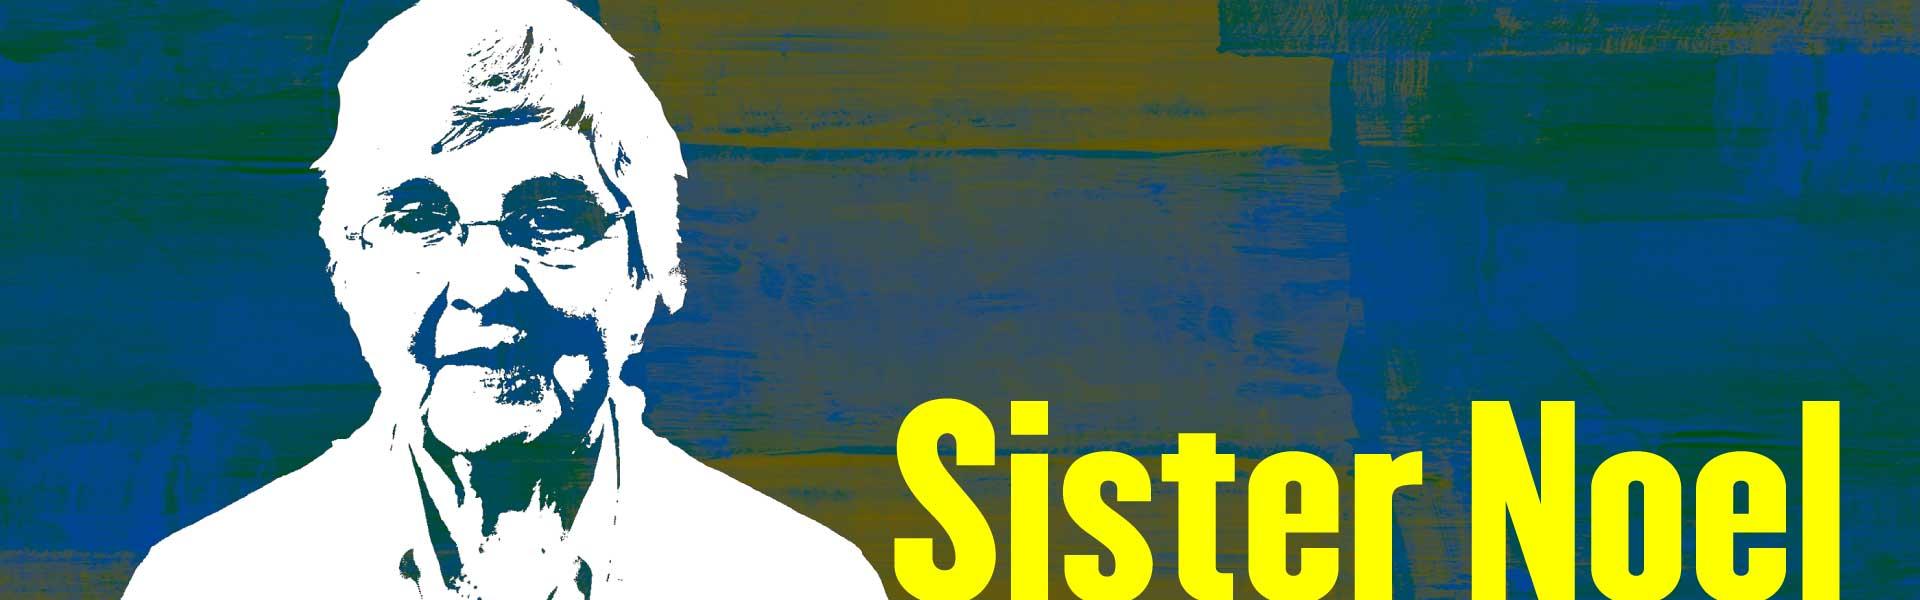 """<a href=""""http://hiddenrochdale.co.uk/sisternoel/"""">Sister Noel</a><br/><p>"""